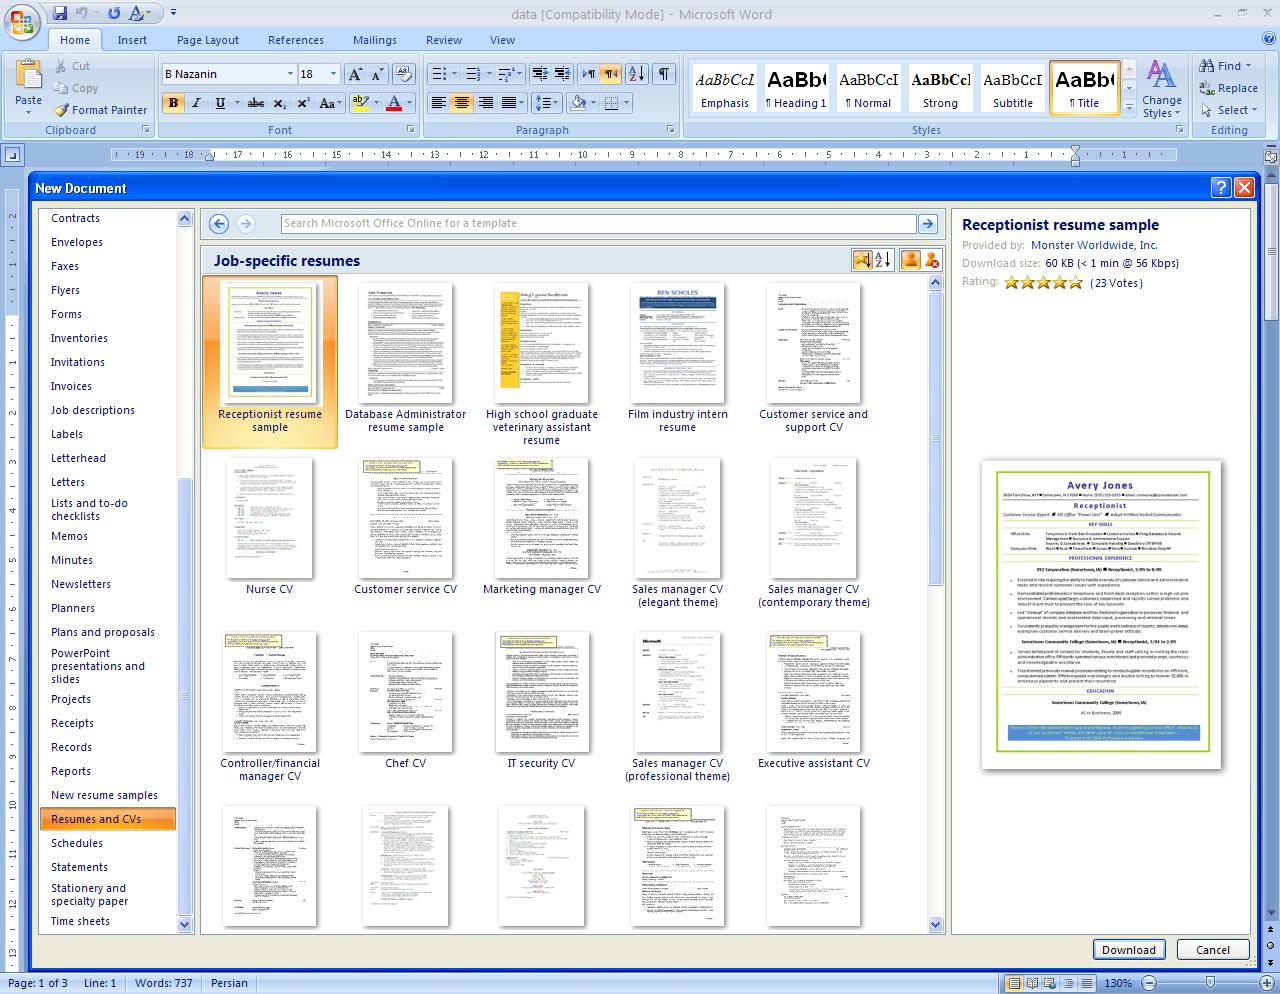 نمونه اي از قالبهاي رزومه موجود در سرويس Office Online شركت مايكروسافت